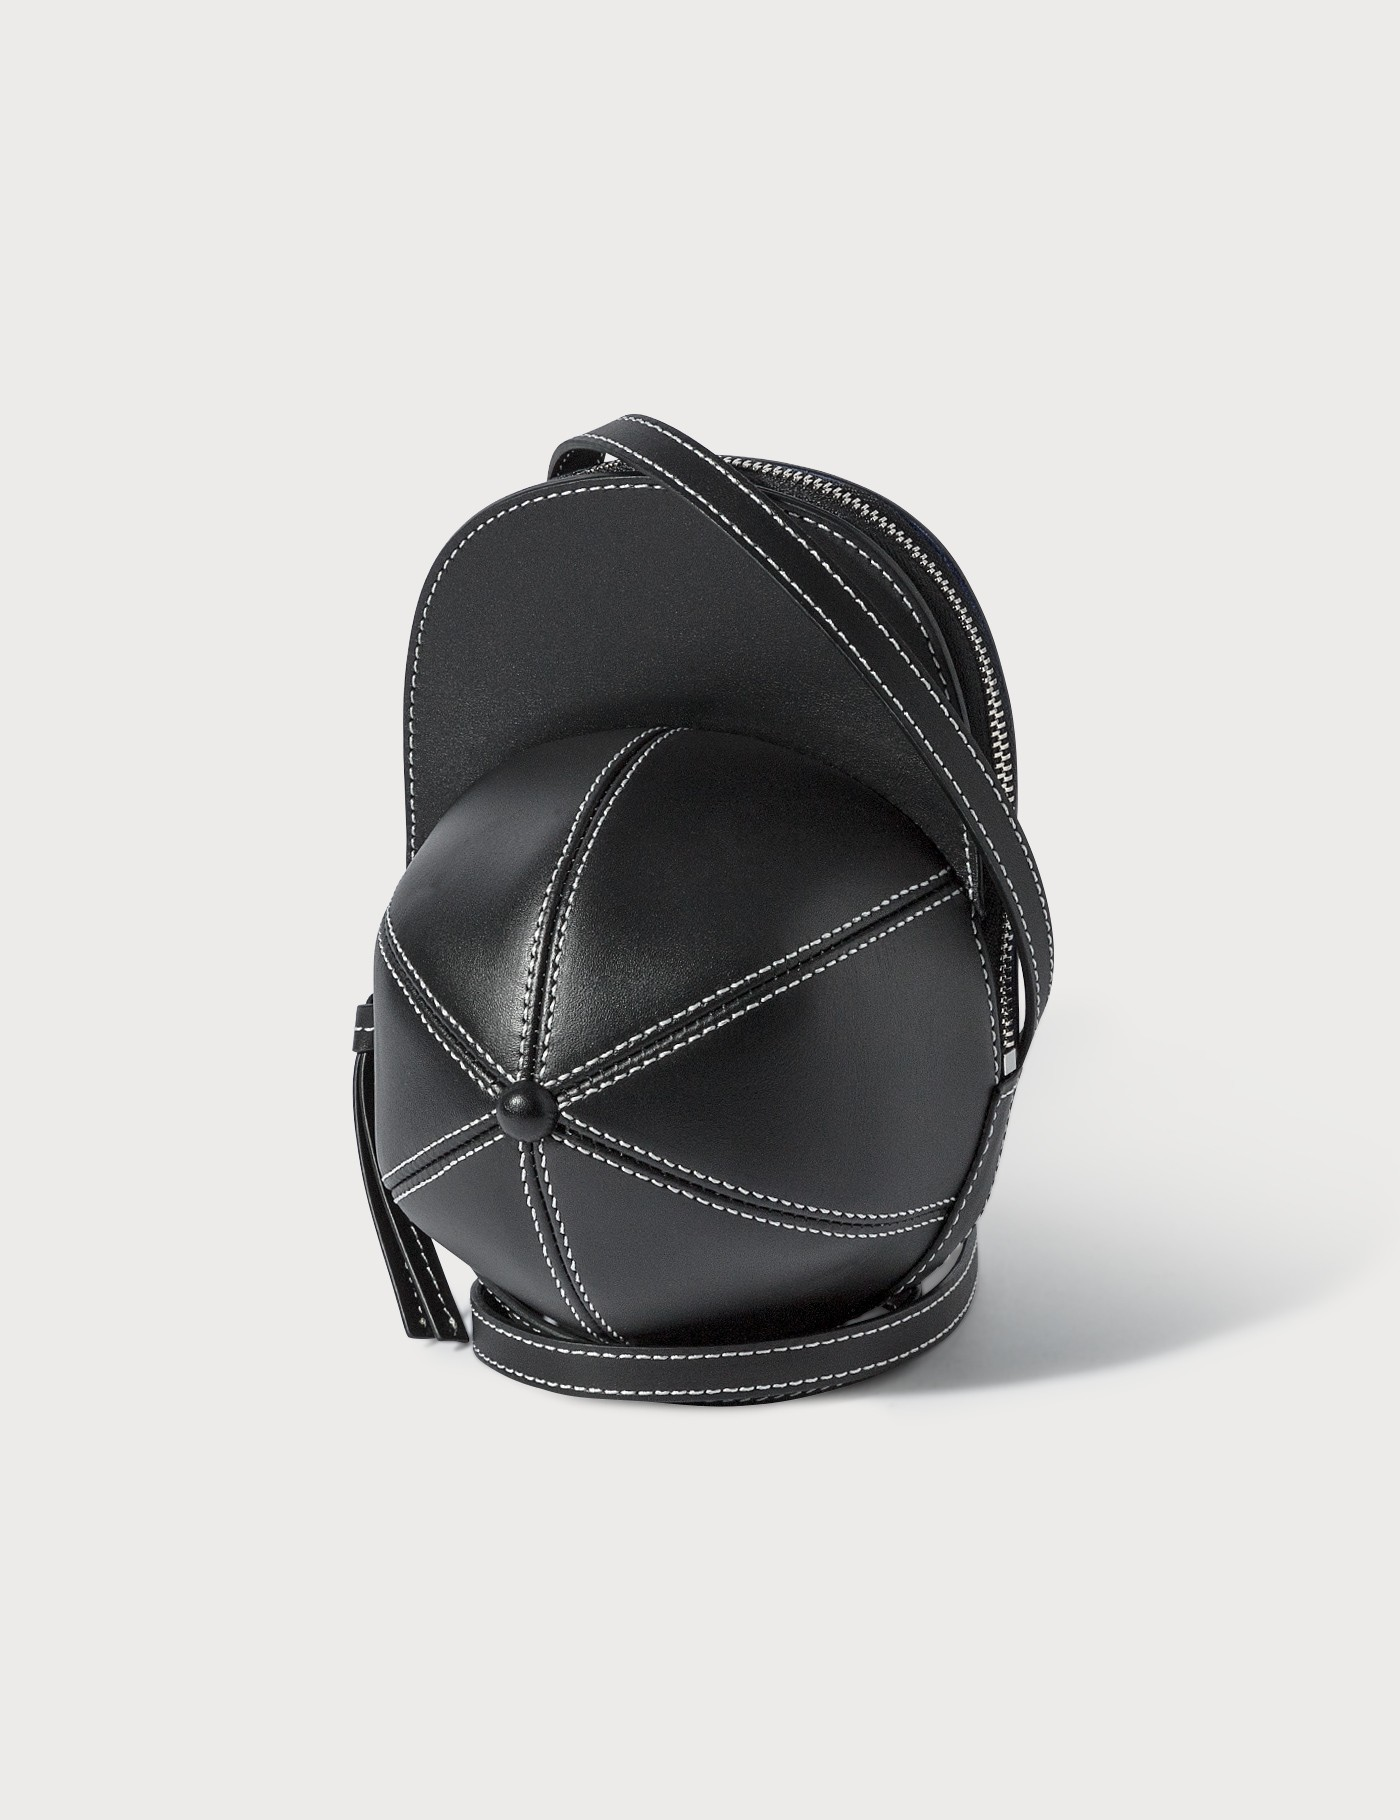 JW ANDERSON MINI CAP BAG